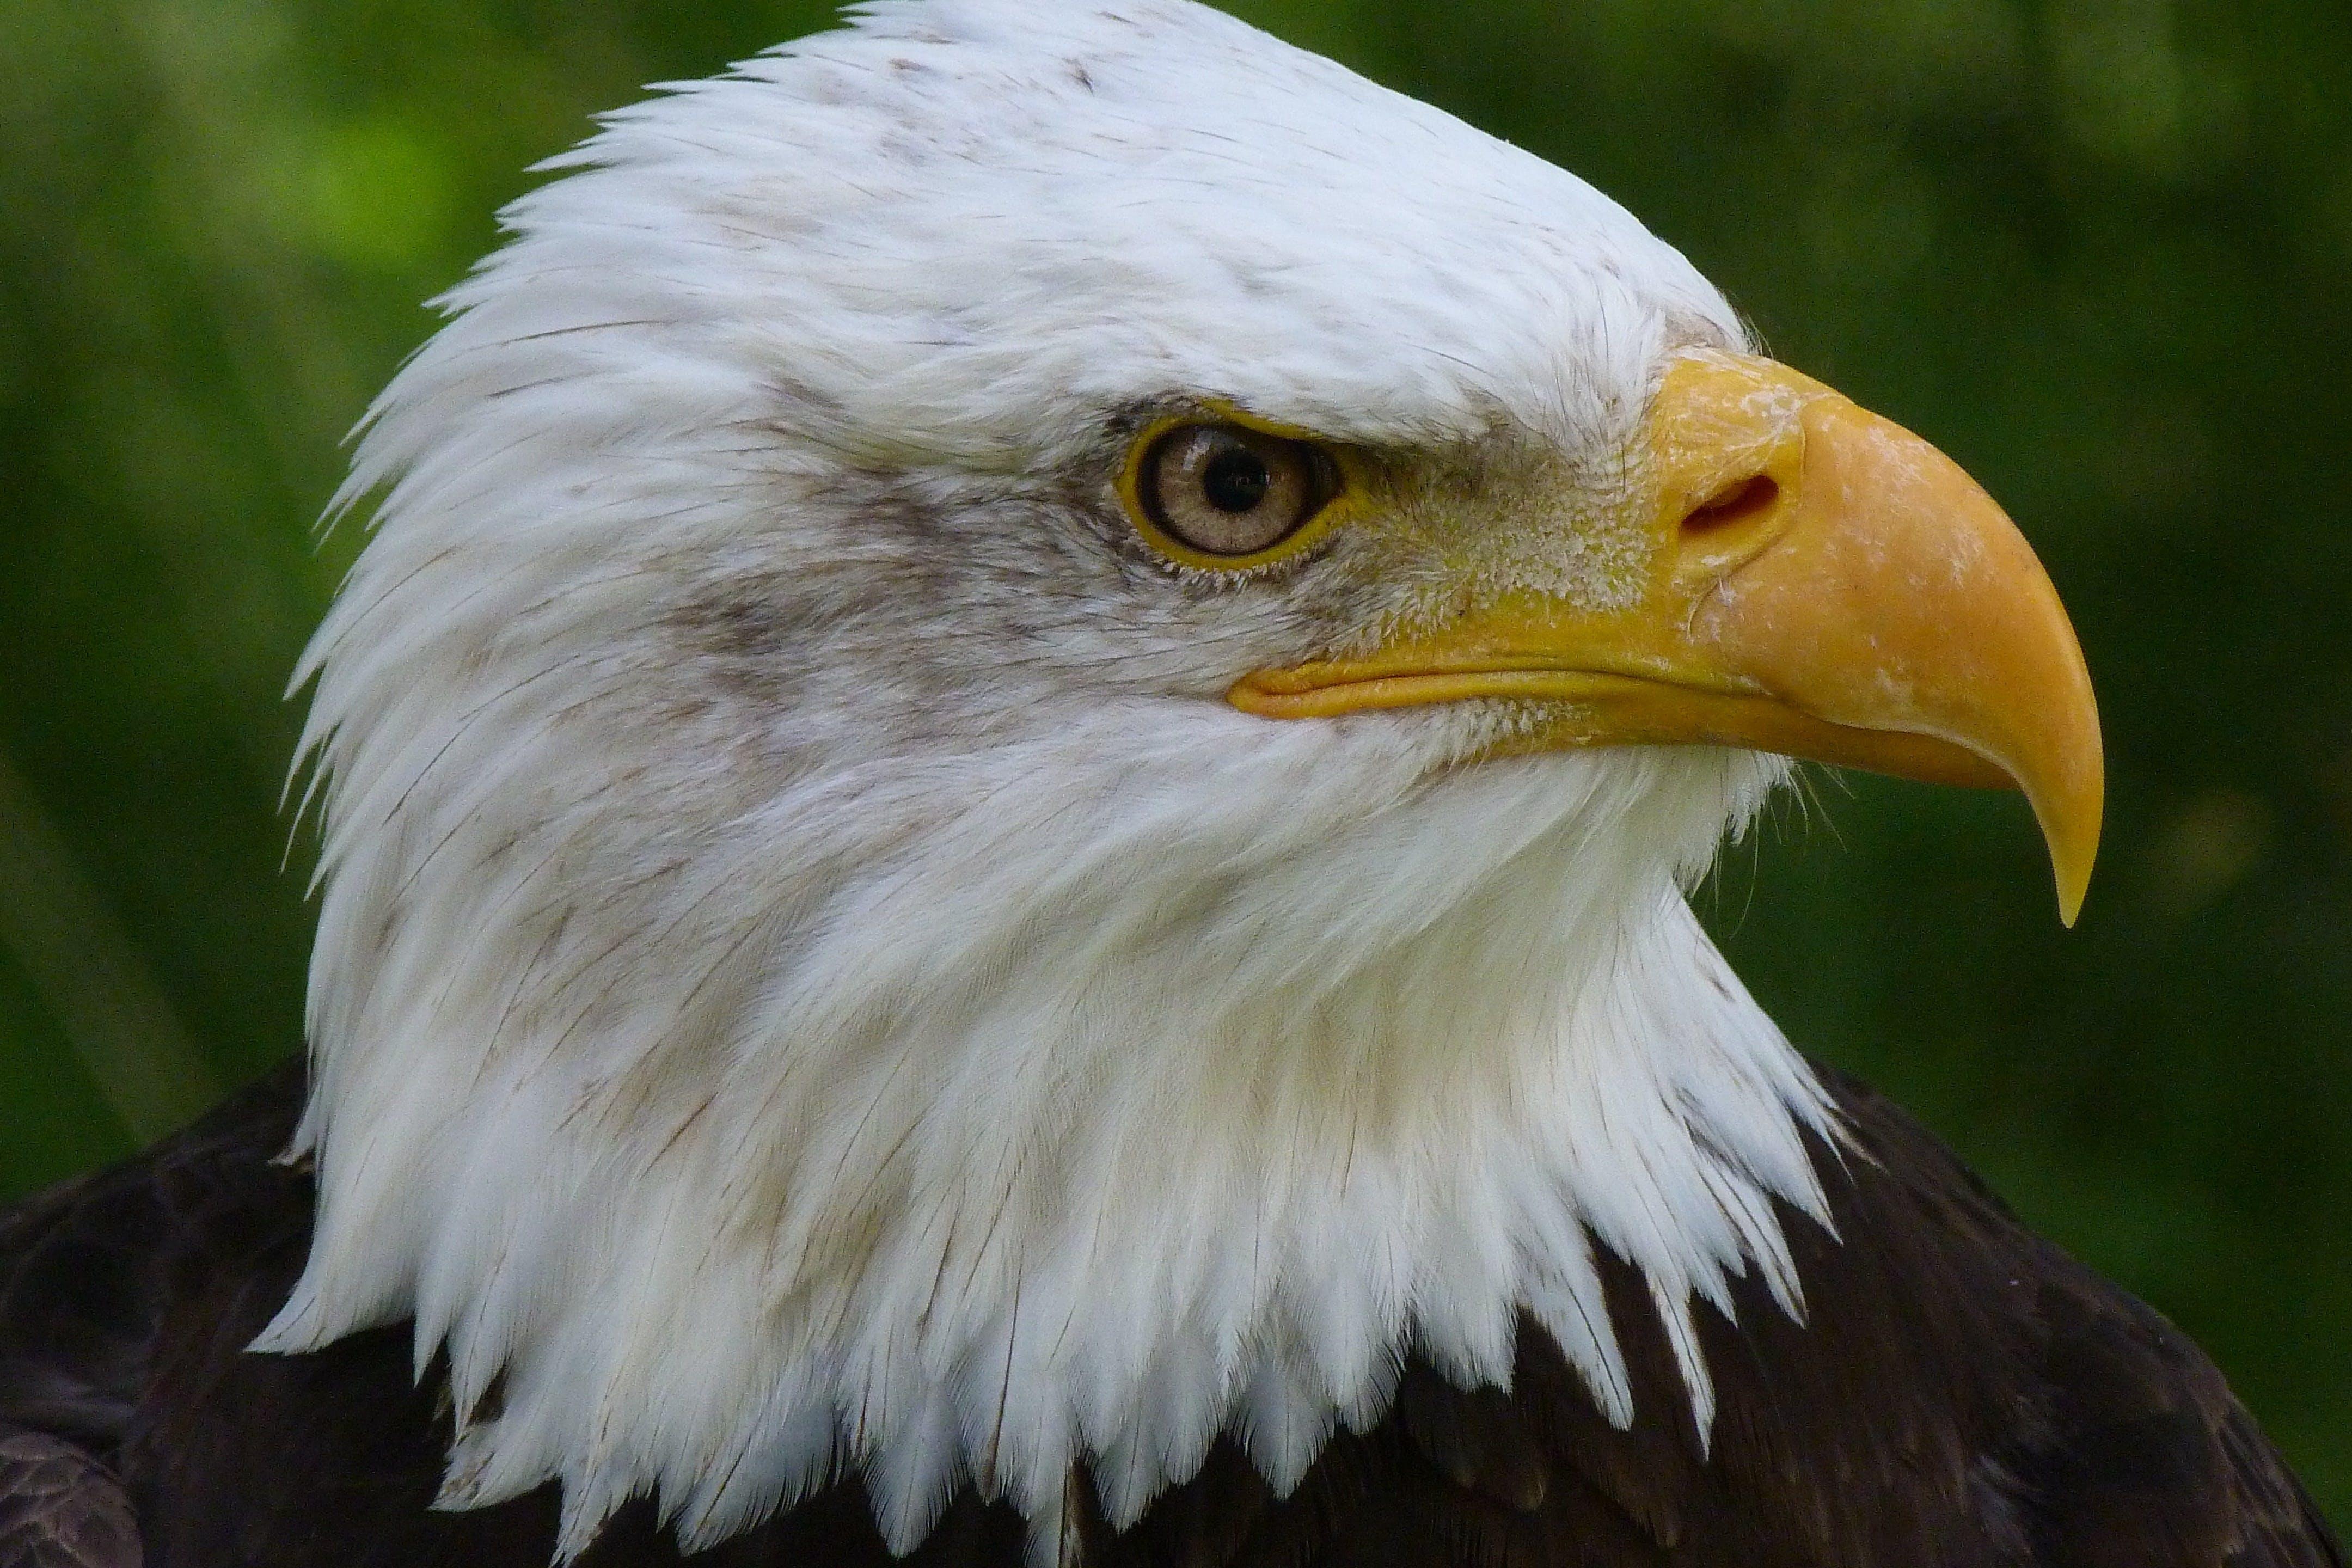 Fotos de stock gratuitas de Águila calva, animal, ave de rapiña, ave rapaz